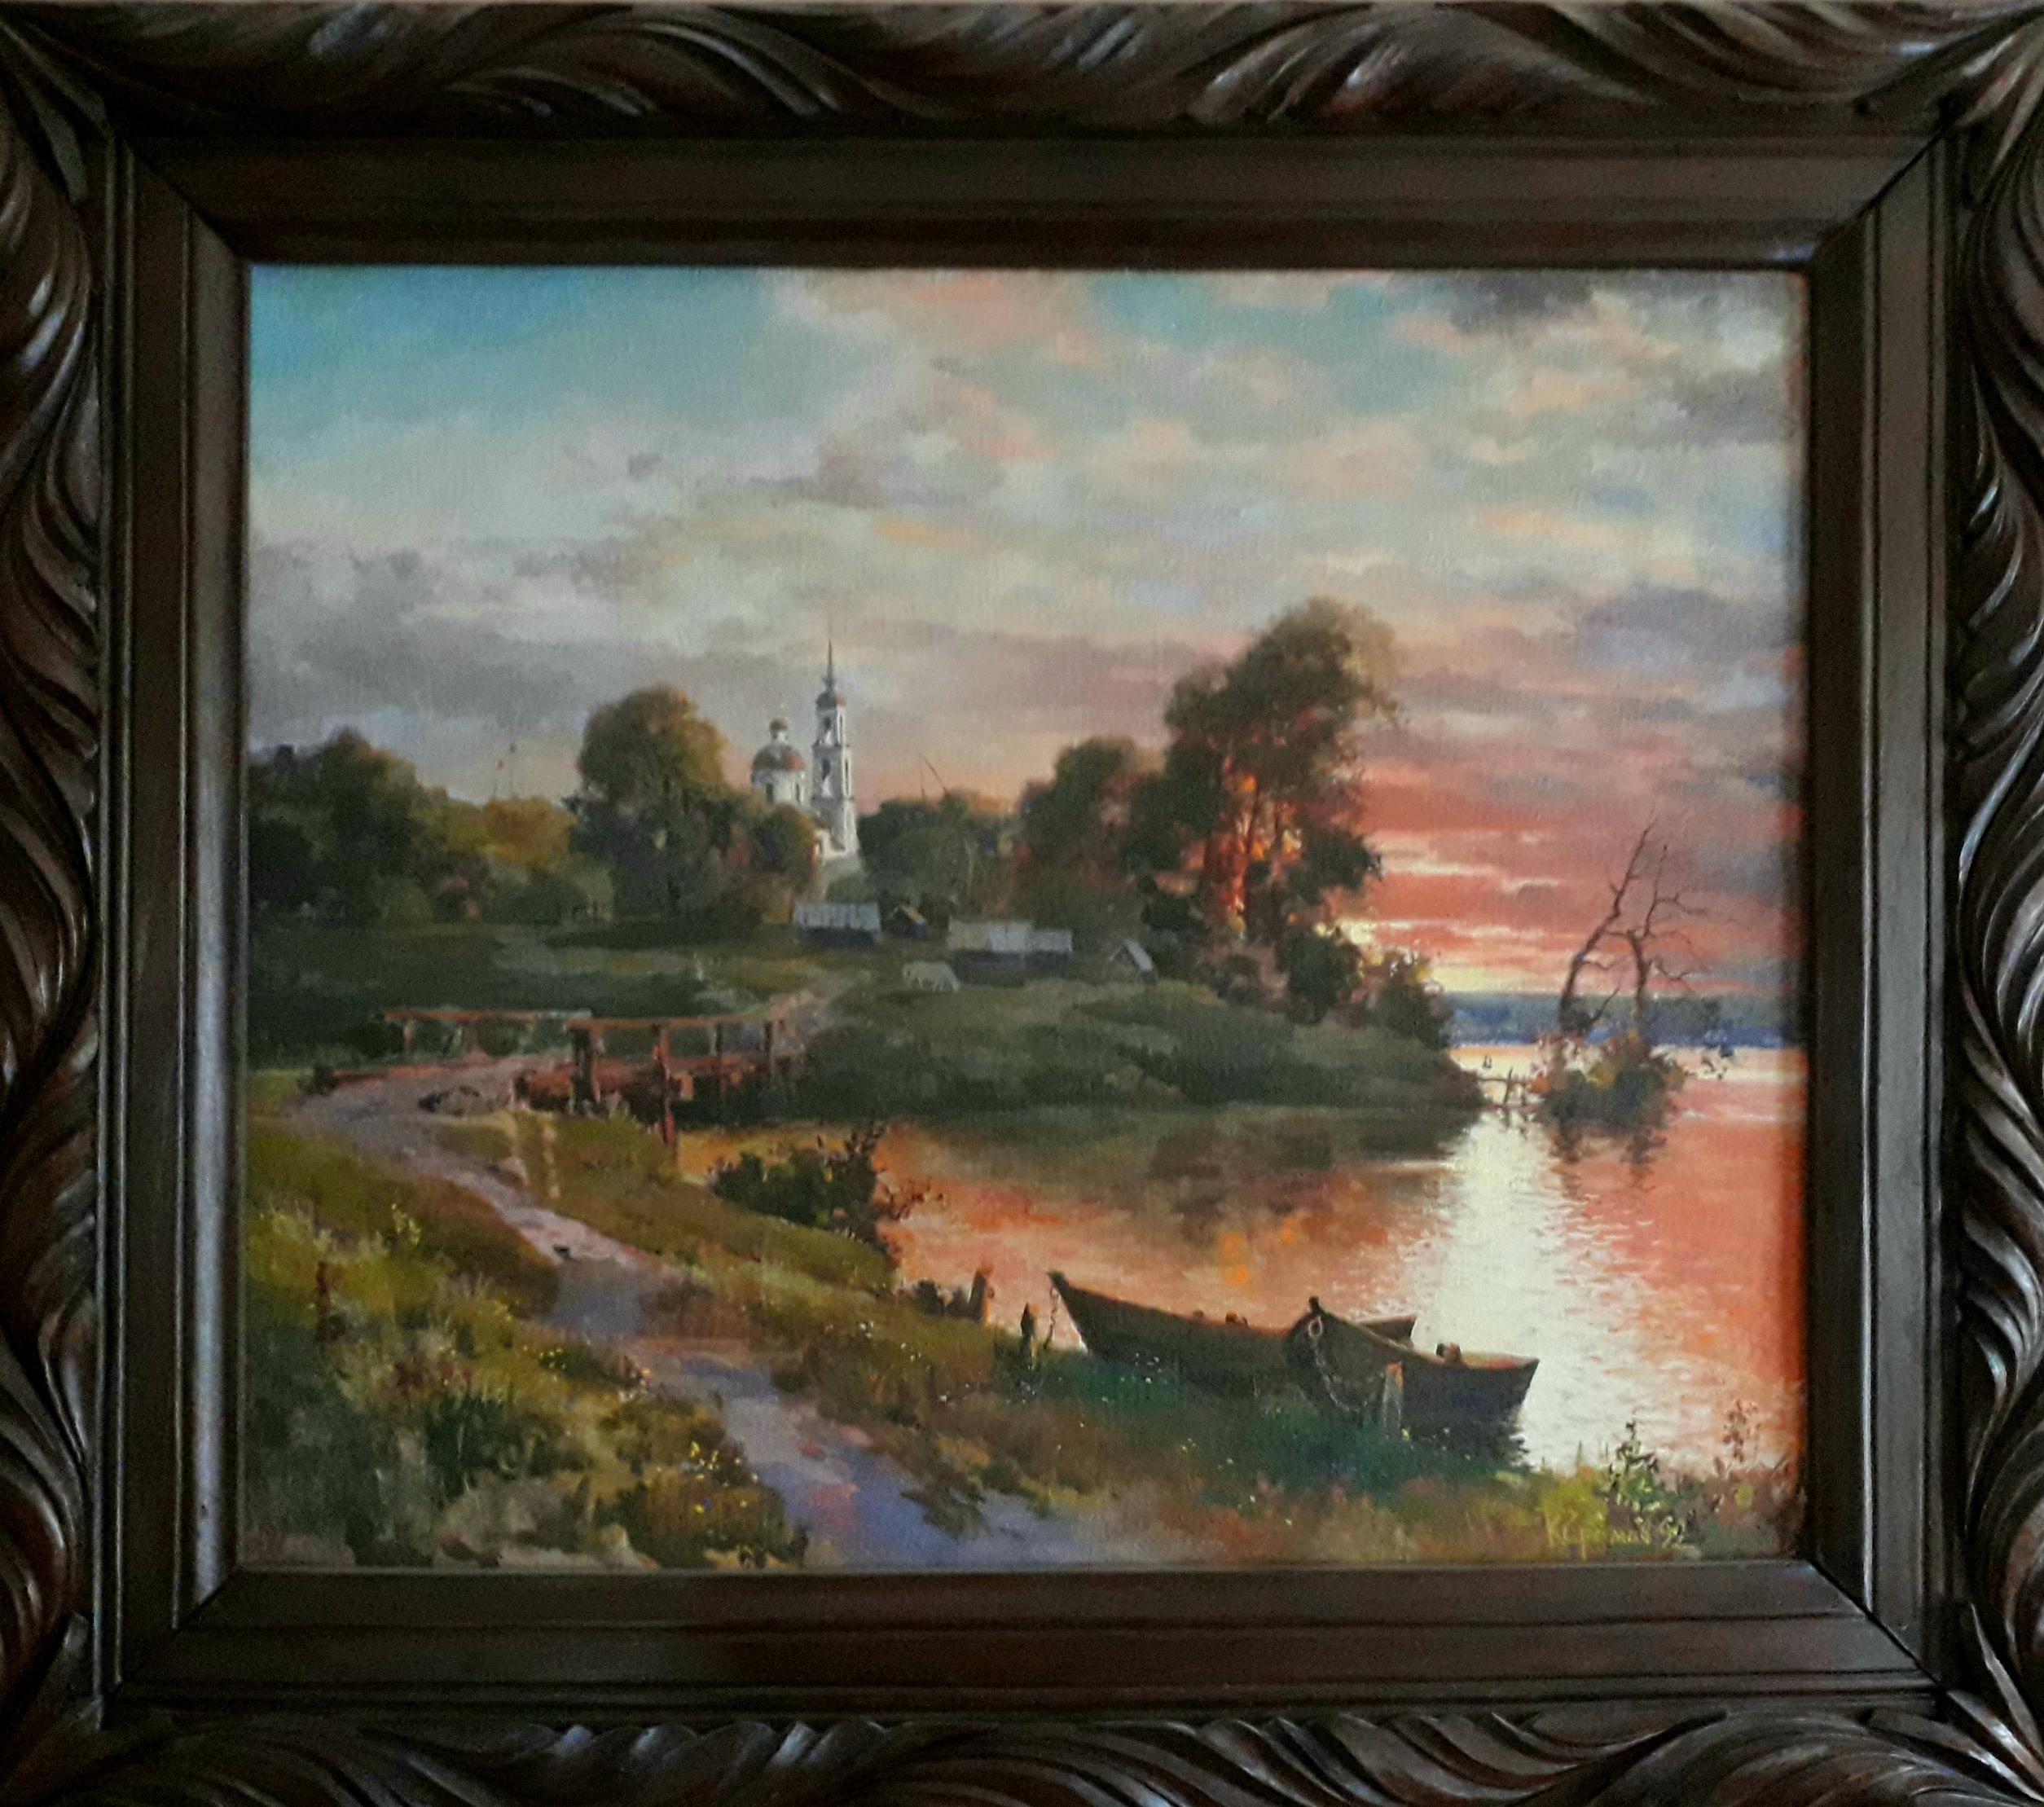 Закат на берегу реки 55-65 см., холст, масло 1992 год - 1